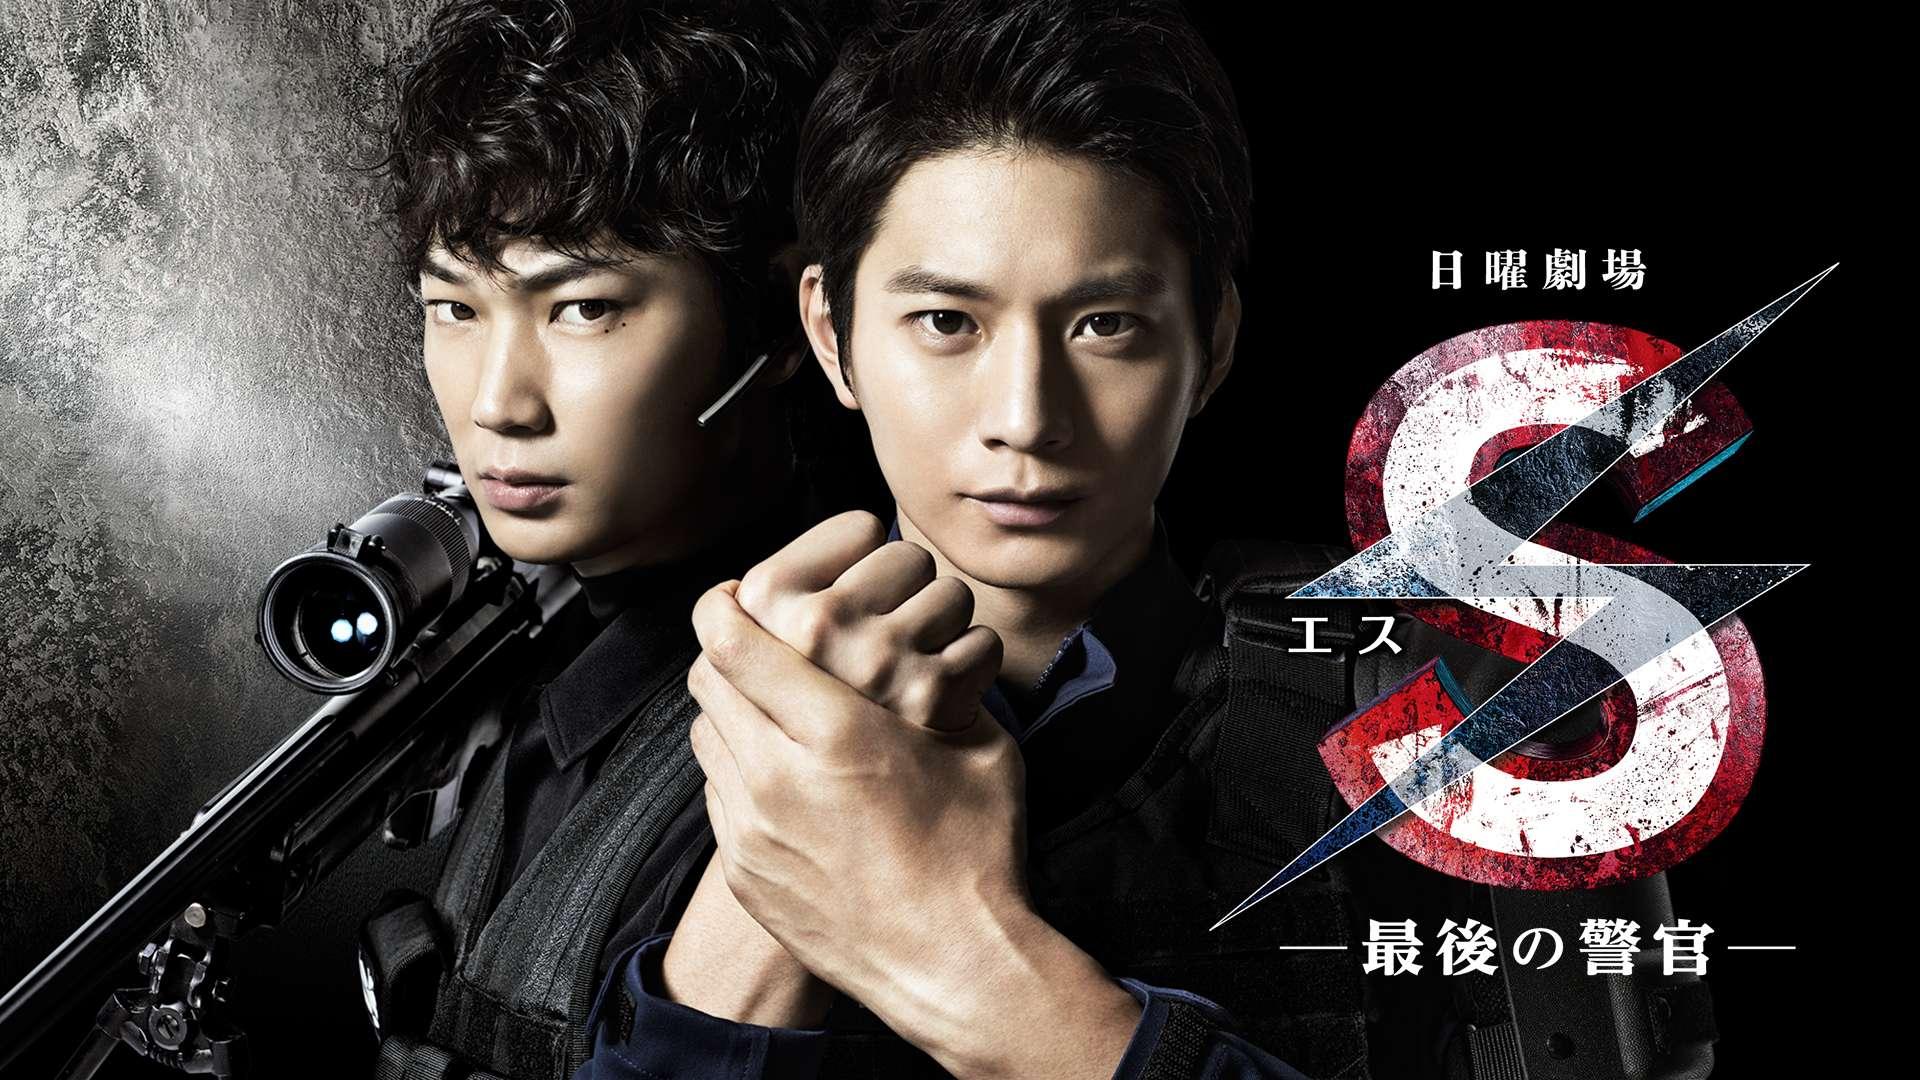 S-最後の警官-